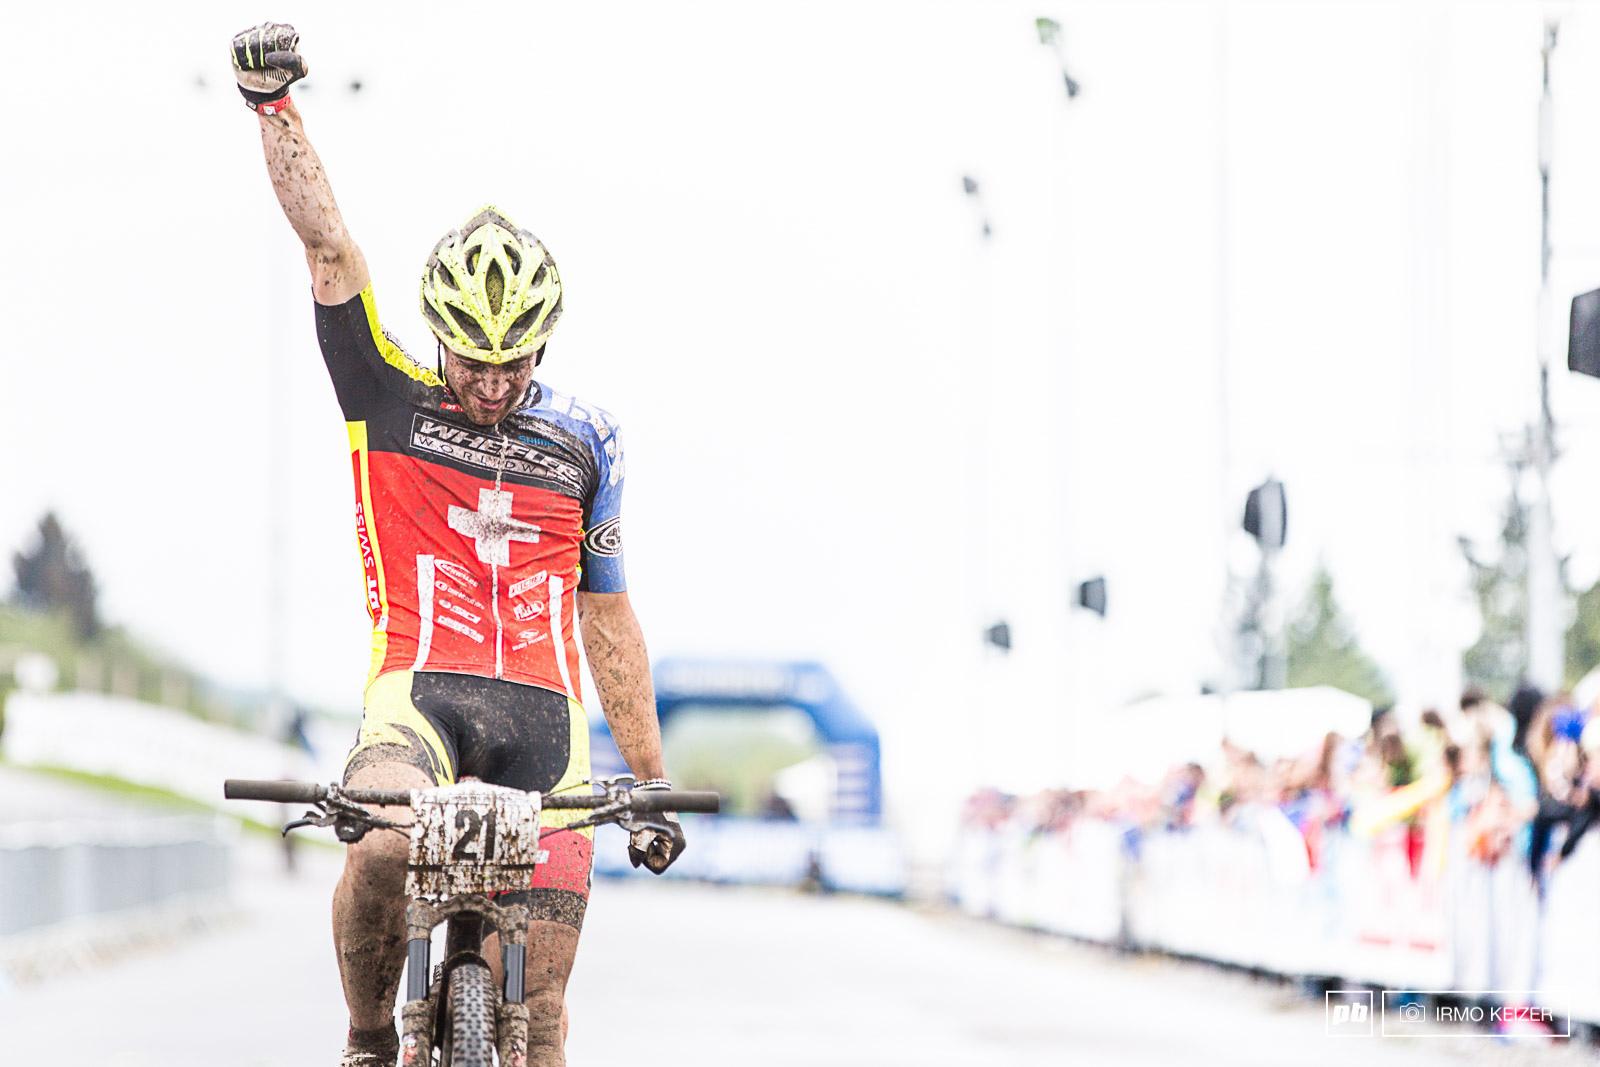 Lars Forster takes the win in the men s U23 race in Nove Mesto.